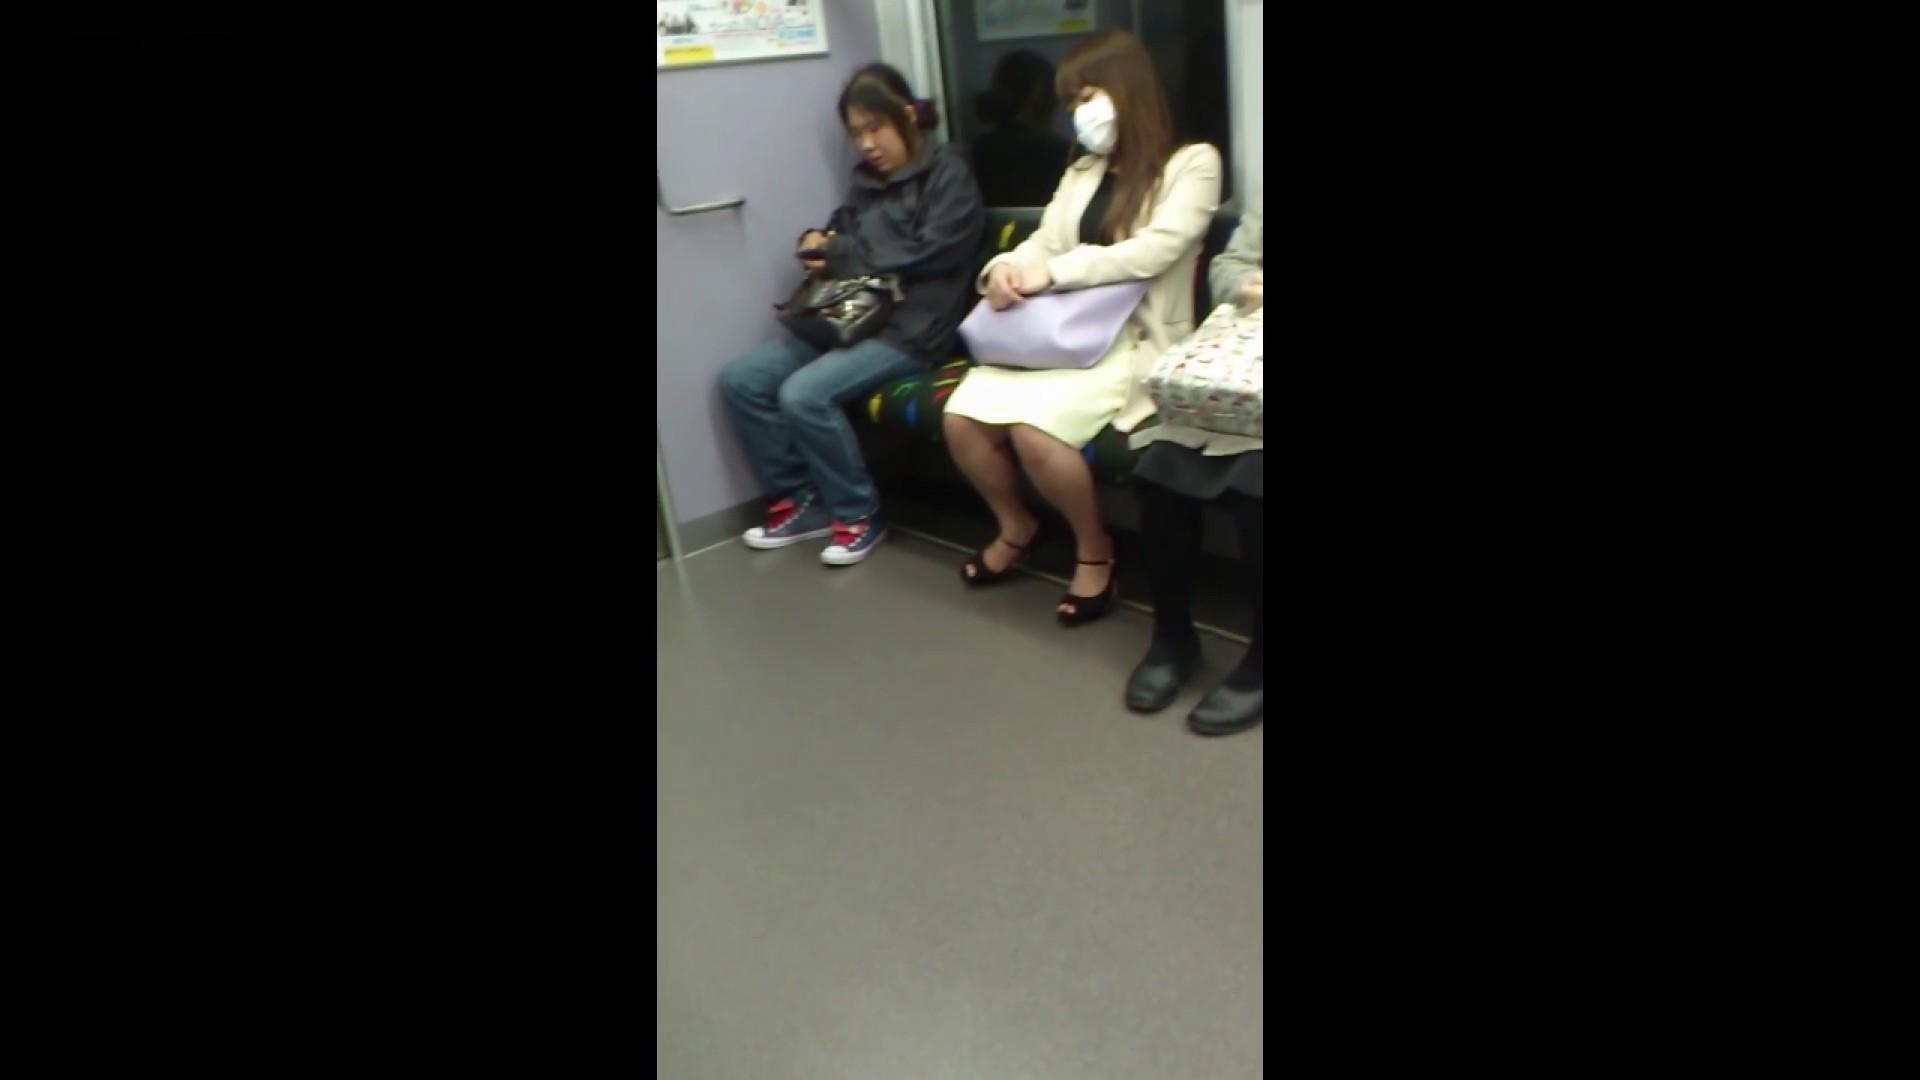 盗撮列車 Vol.55 黄色の爽やかなスカートが大好きです。 盗撮エロすぎ | OL  38連発 27